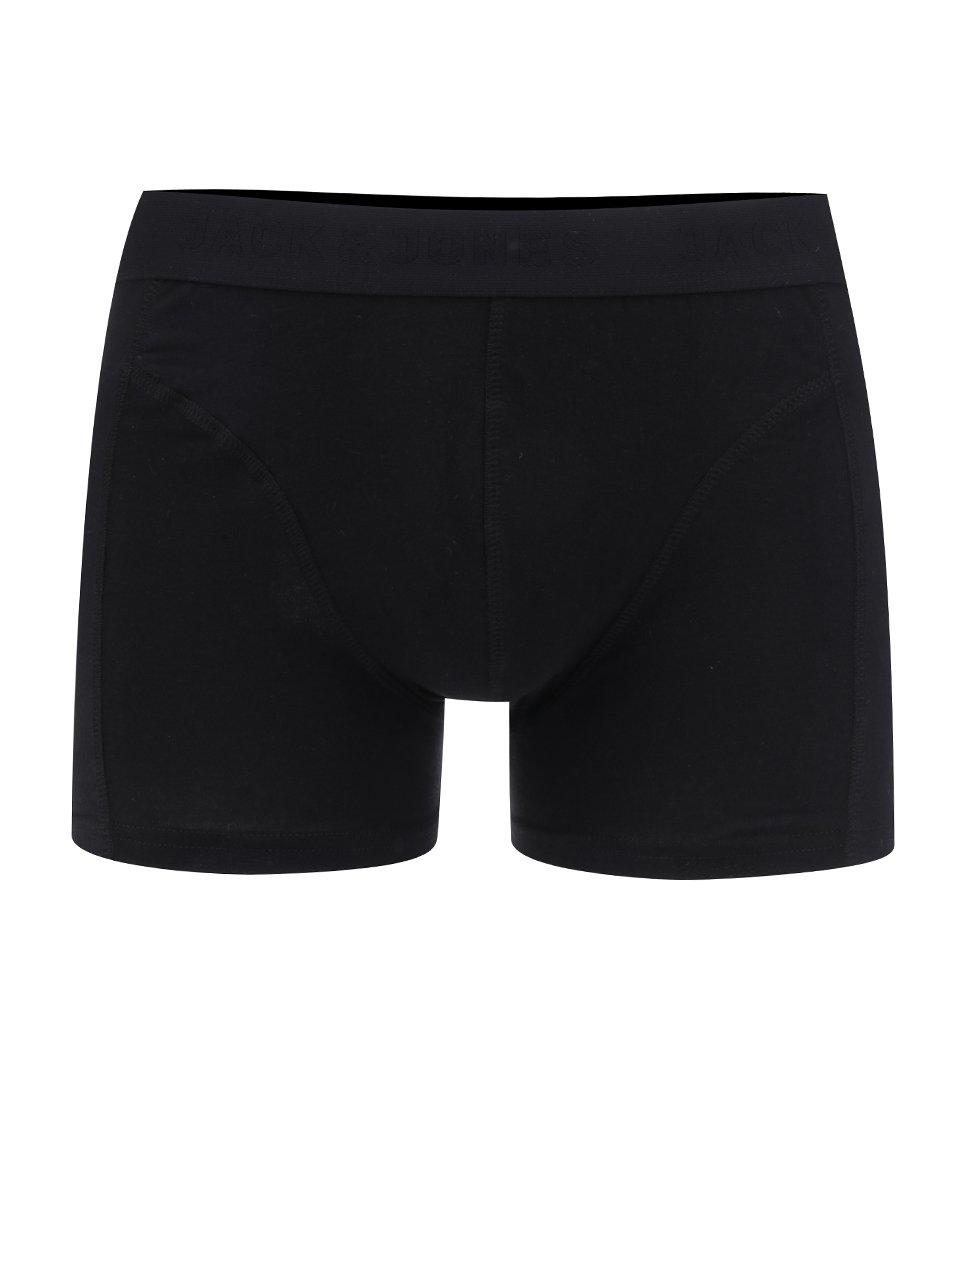 Černé boxerky Jack & Jones Simple